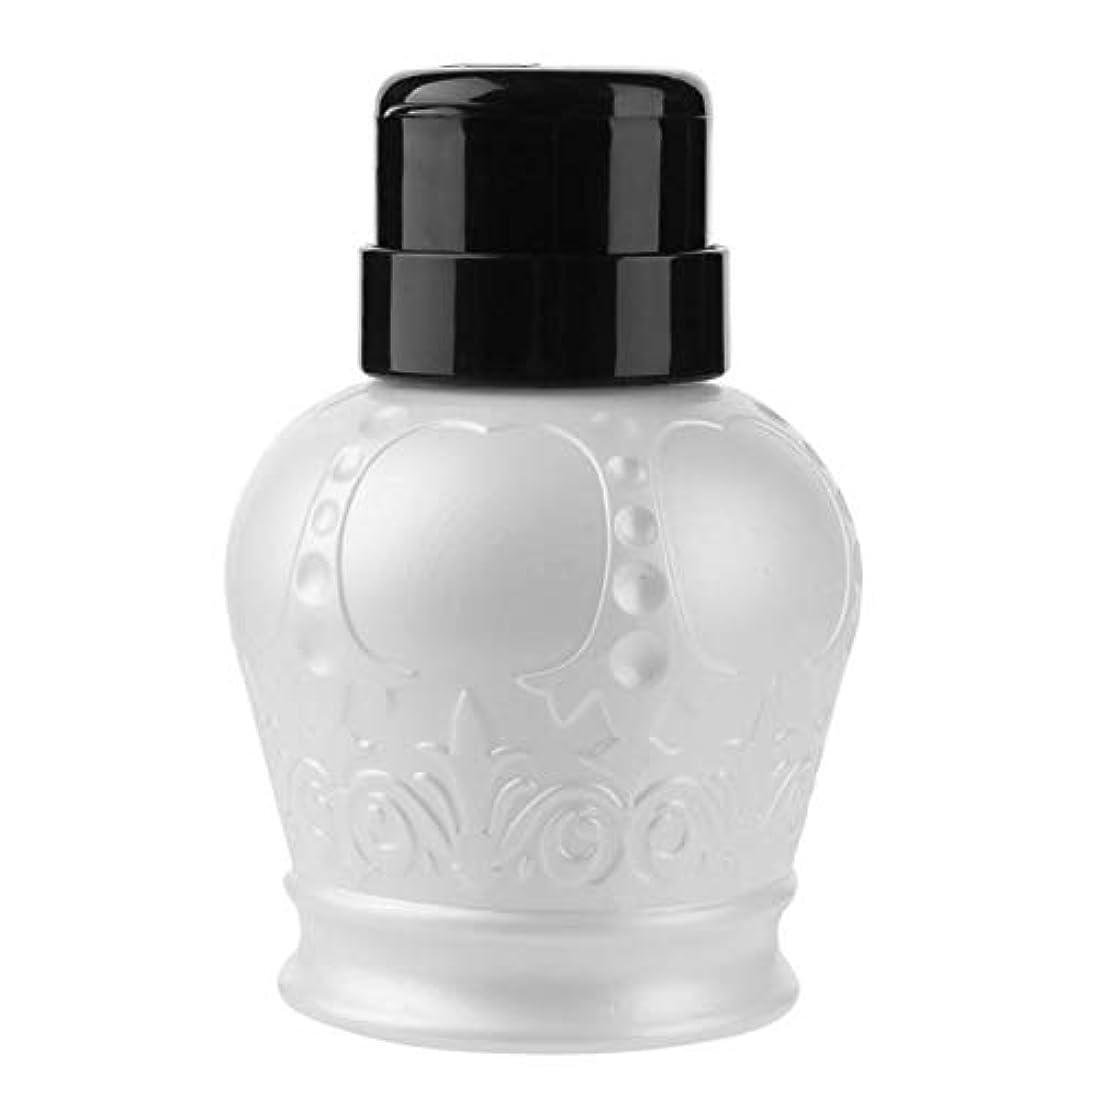 パンサー同一性空虚TOOGOO ポンプディスペンサーネイルアート ポリッシュ ウォッシュリムーバー アルコール液体 クリーナー 空のプラスチックプレスポンプ ボトルネイルDiyマニキュアツール(ホワイト)